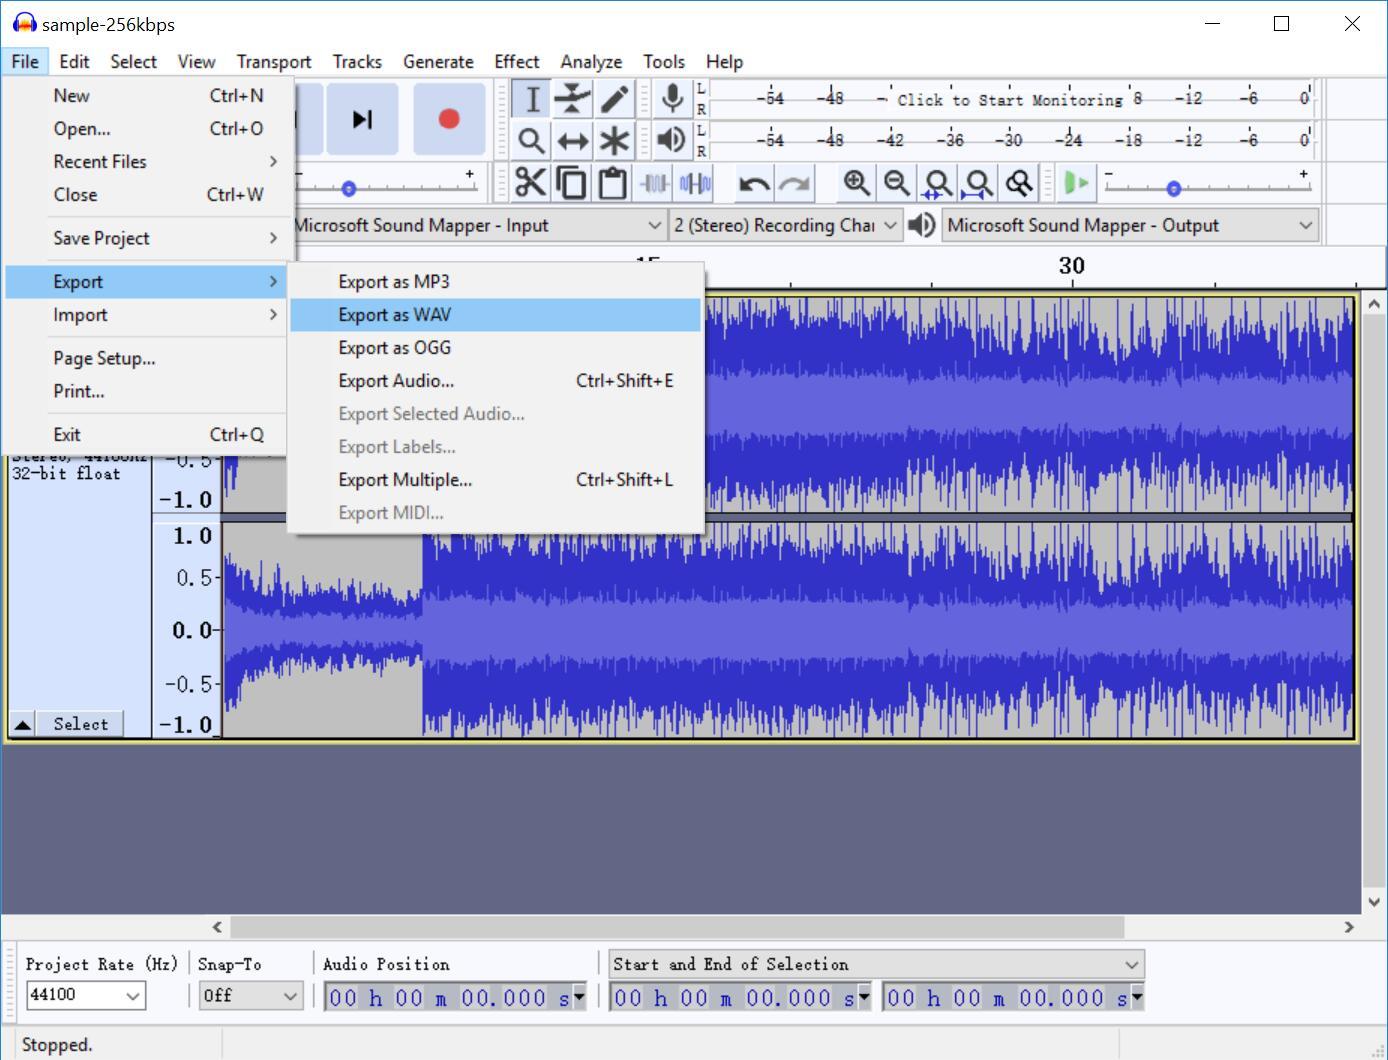 audacity-convert-mp2-to-wav-13